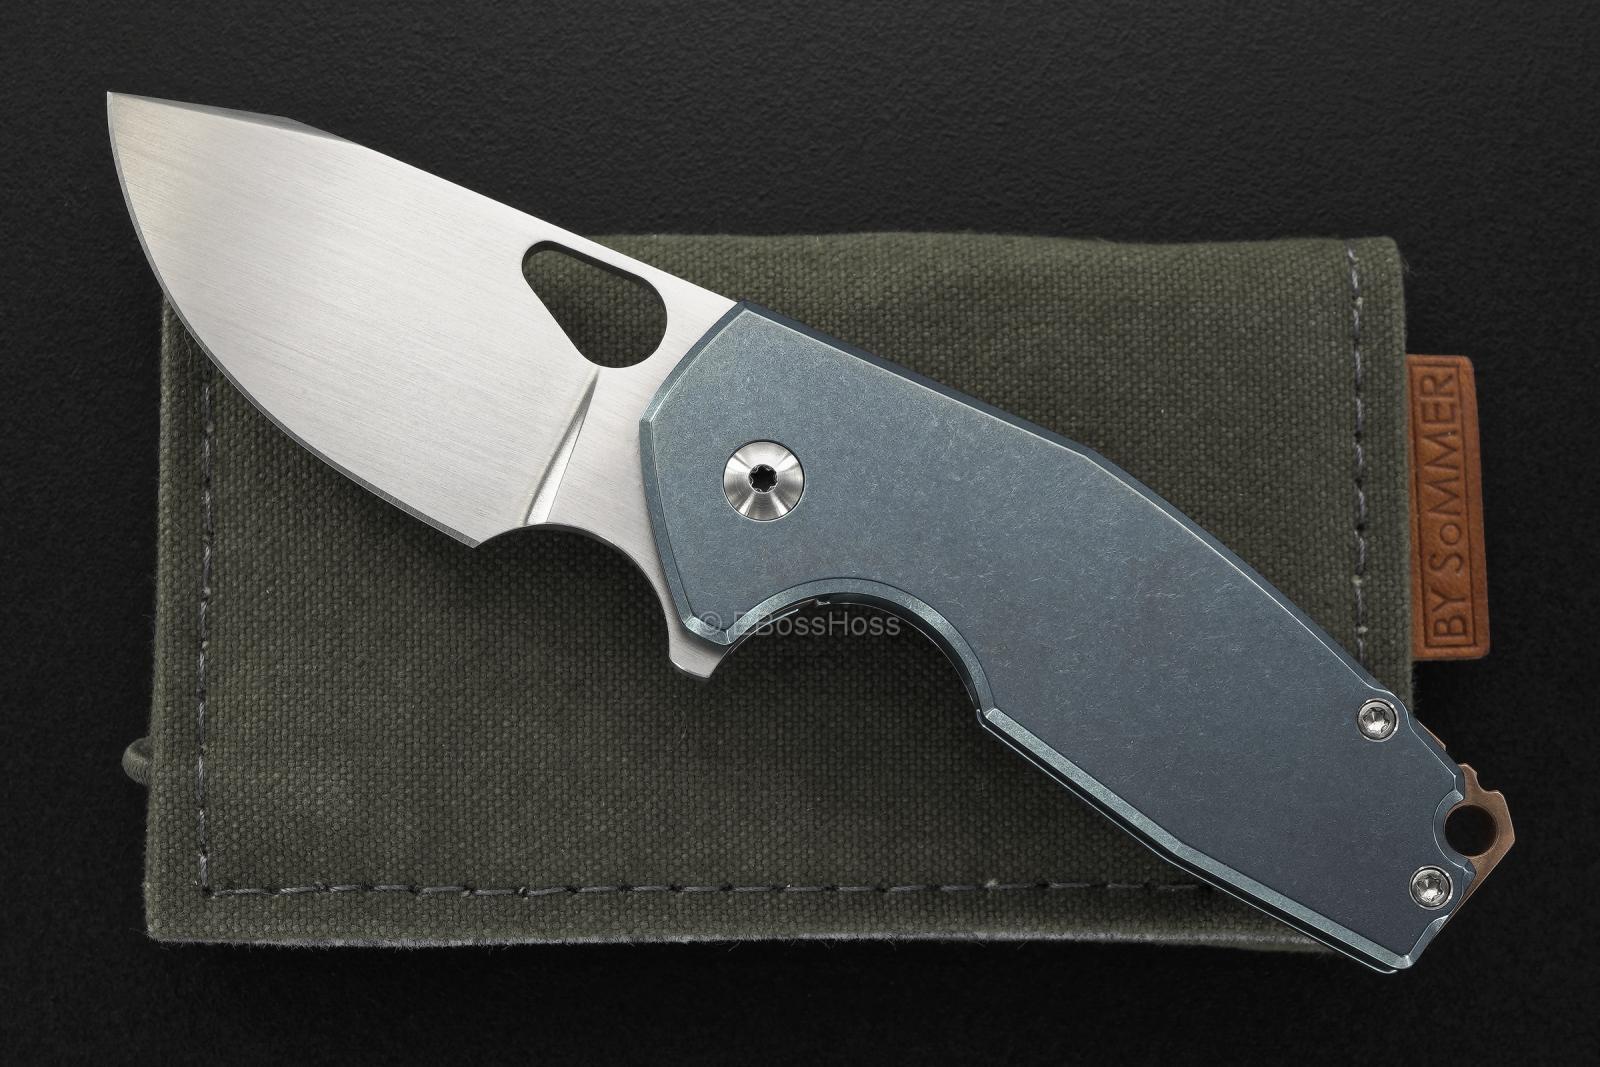 VoxKnives Custom F9 Flipper